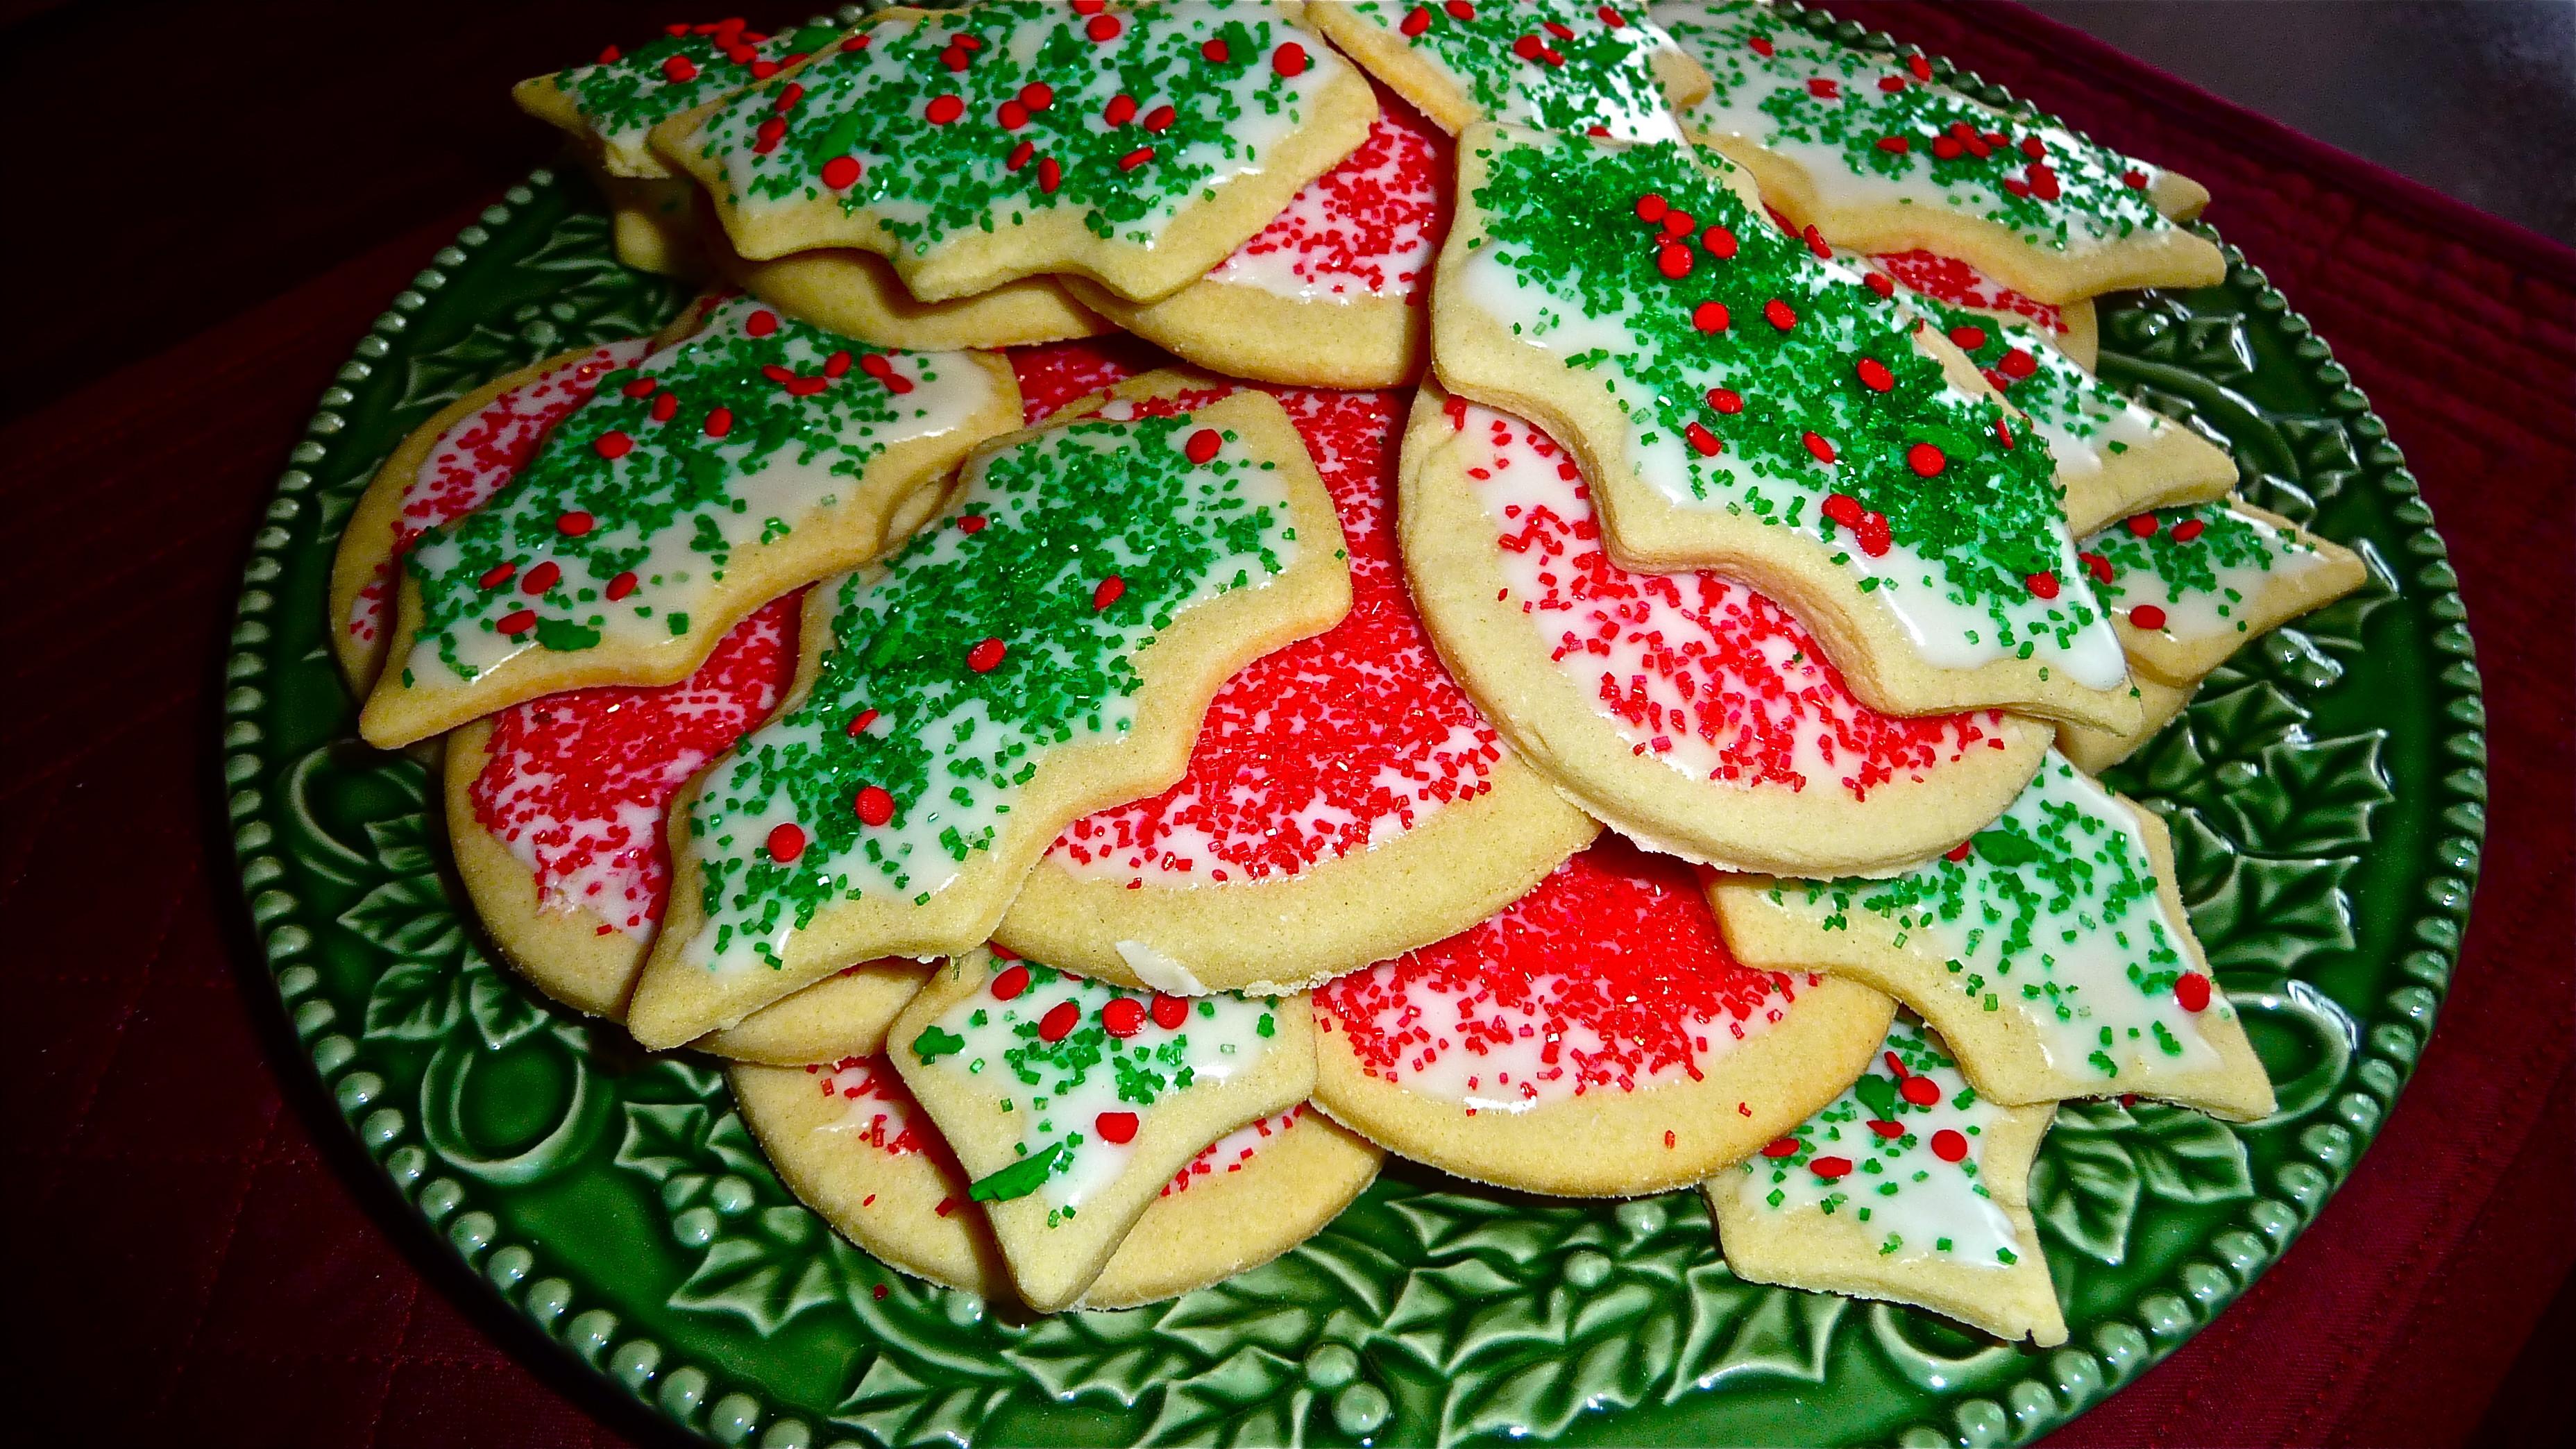 Good Christmas Cookies  A traditional Christmas treat — really good sugar cookies